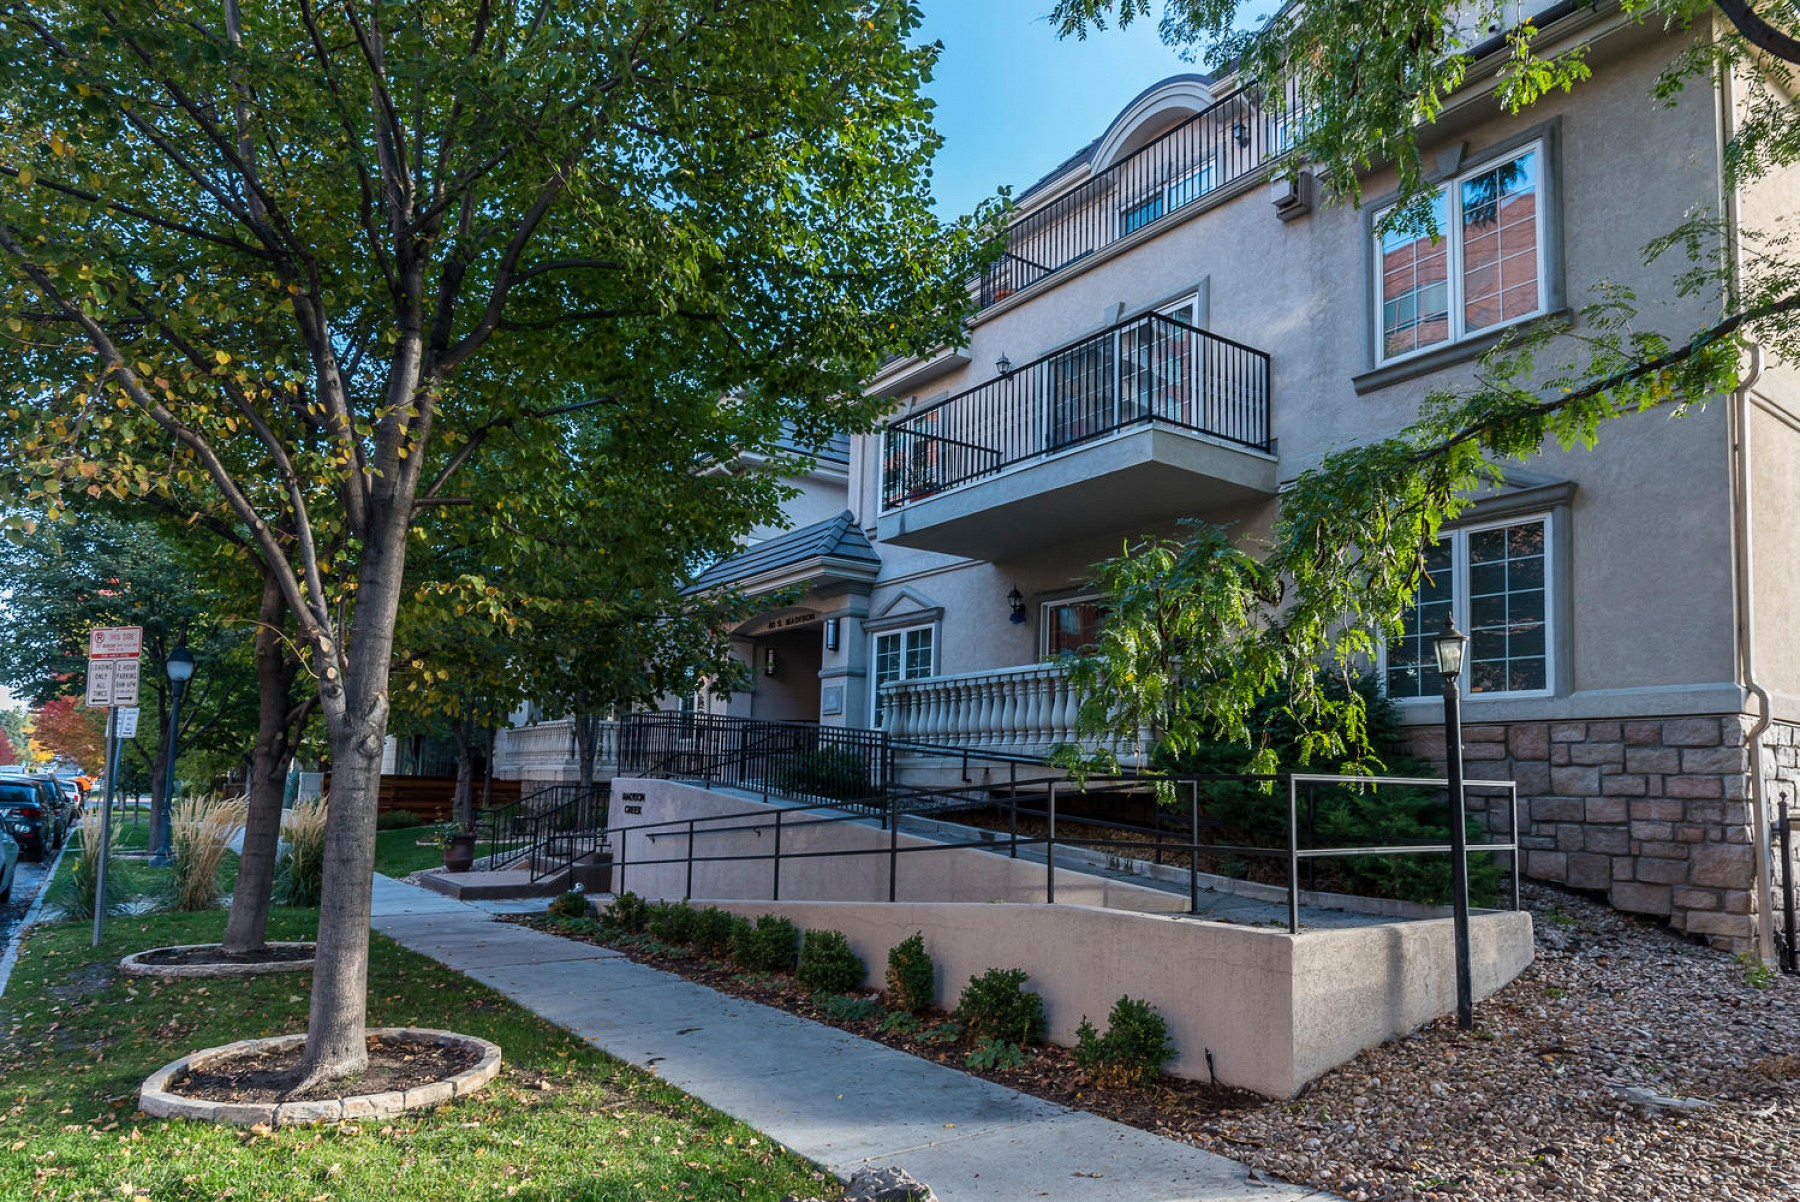 40 S. Madison Street #302, Denver, CO 80209